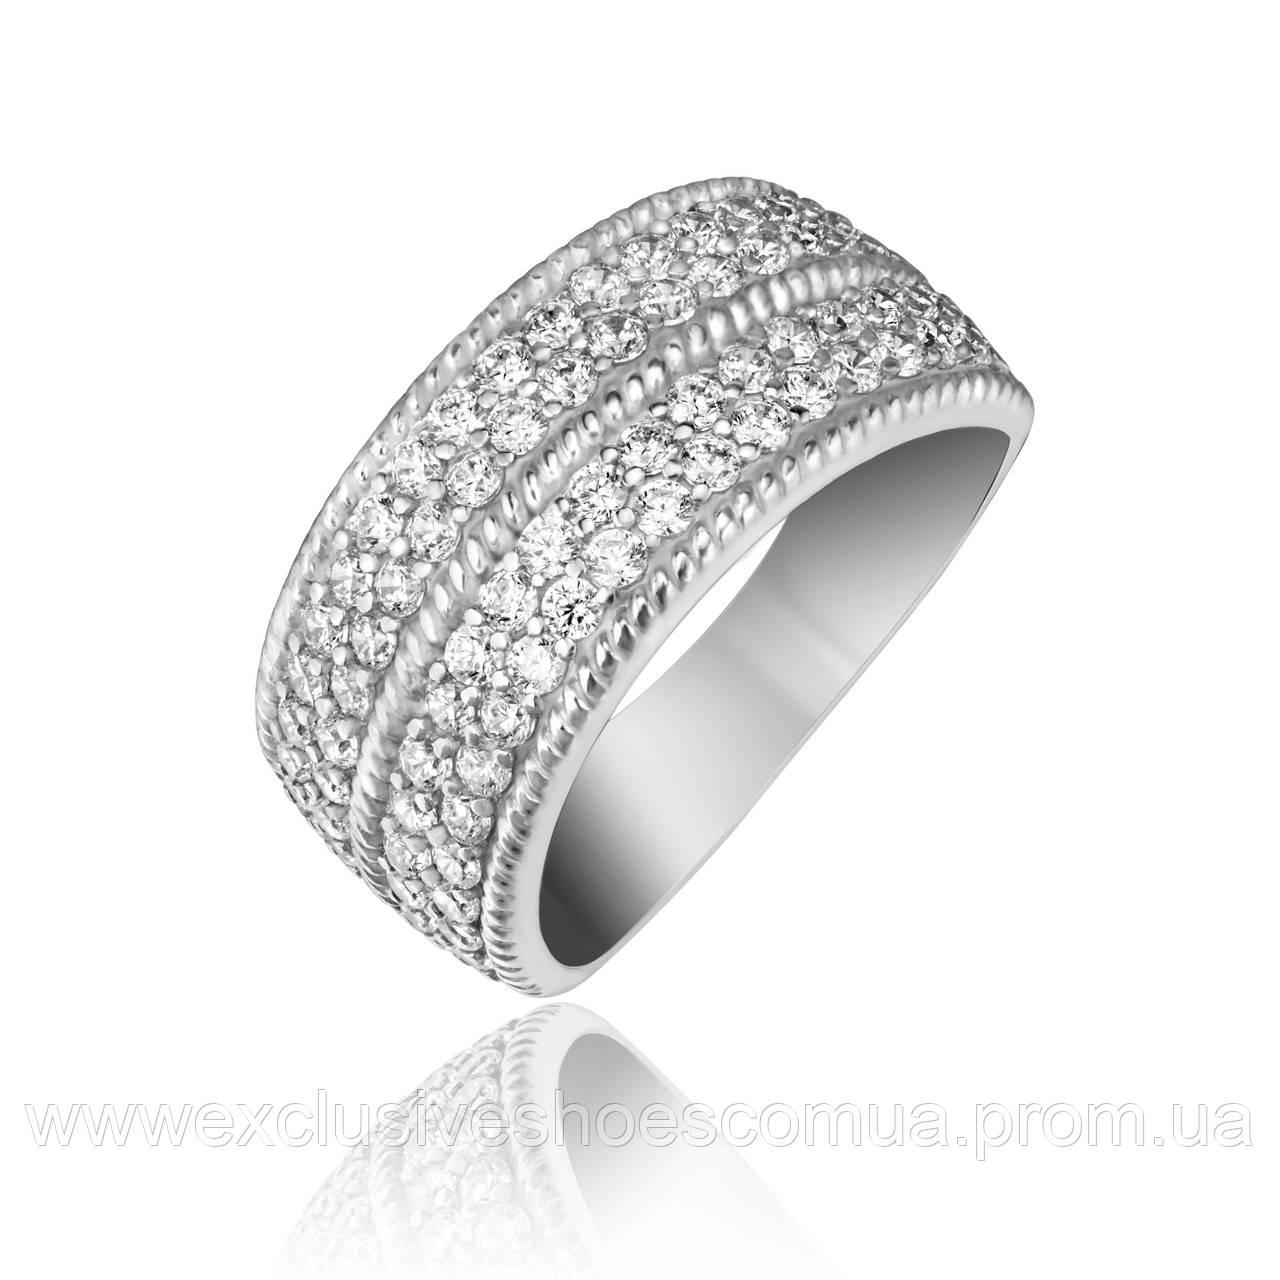 Серебряное кольцо с белыми фианитами, арт-910145б.